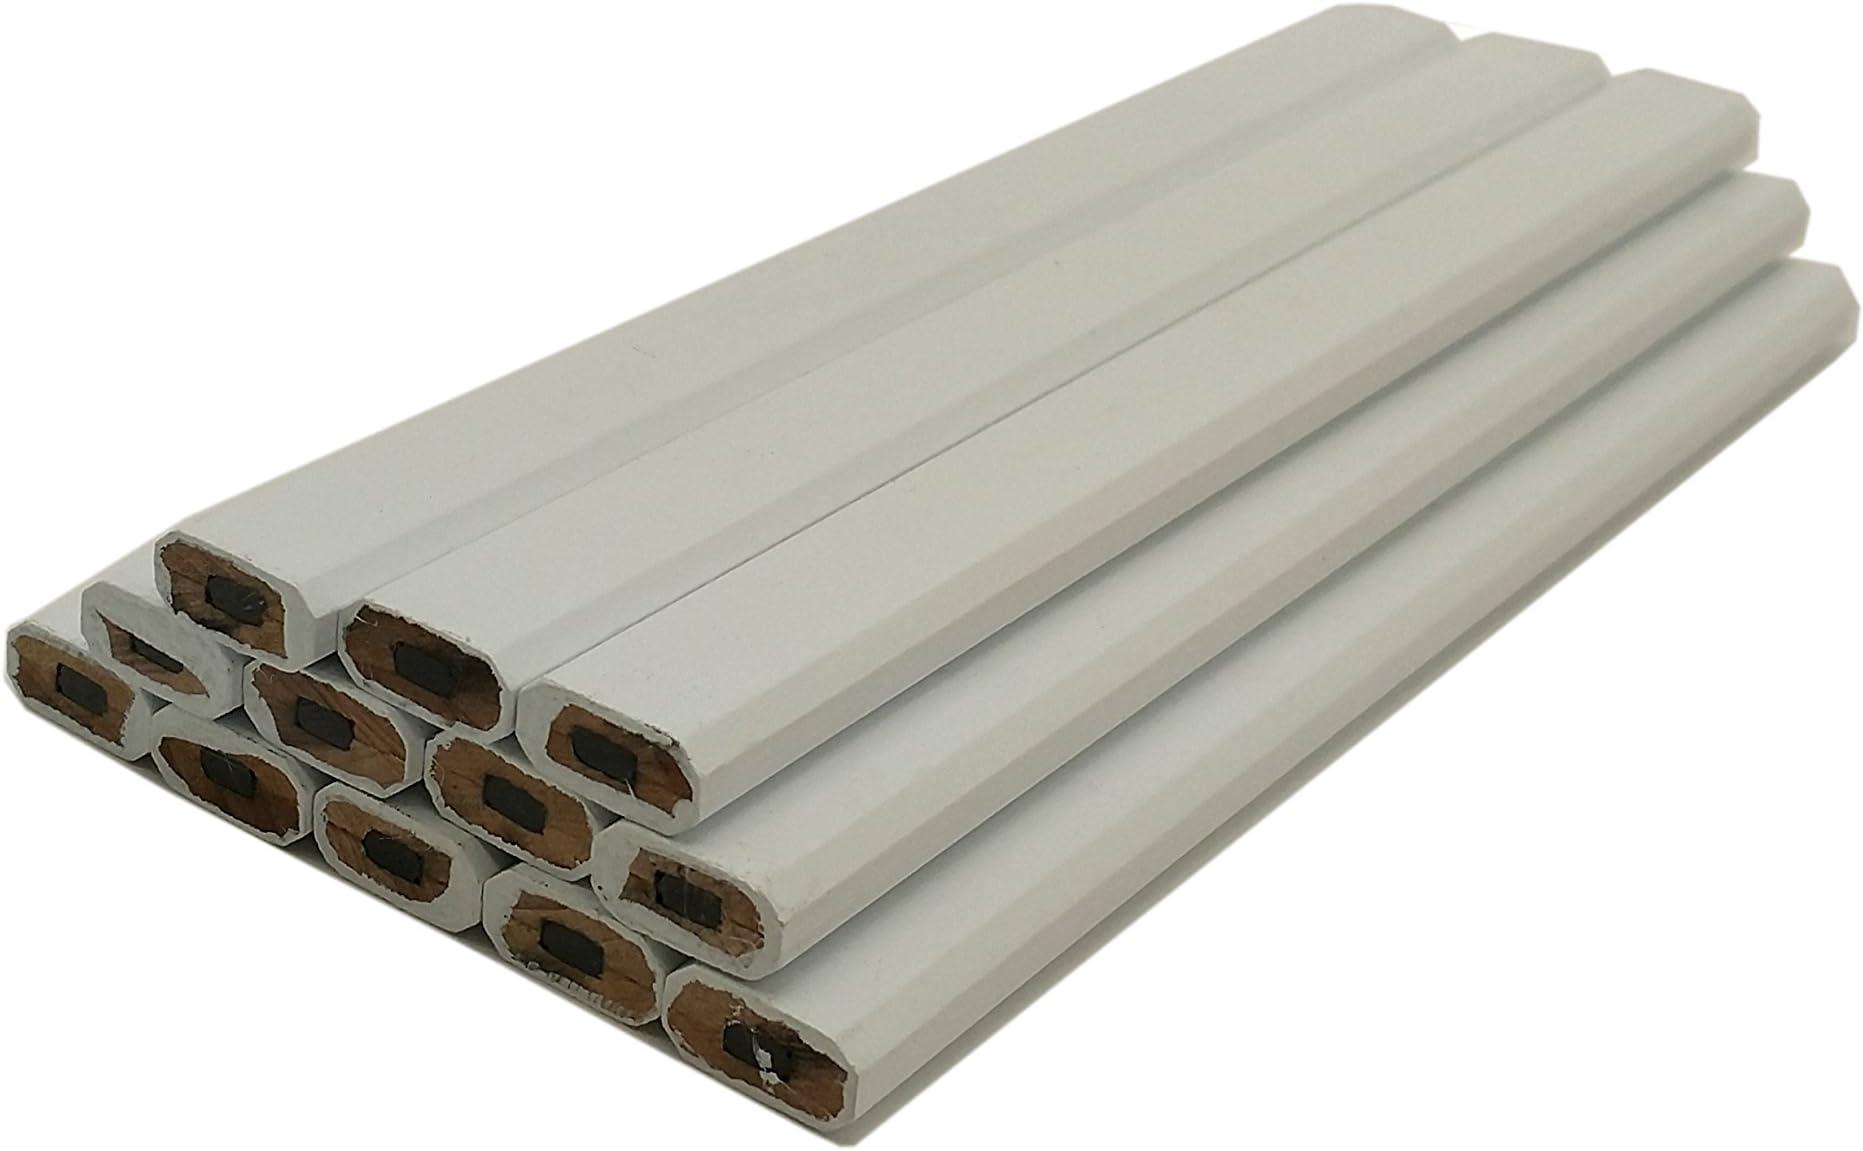 Impex Carpenter Pencils - 72pc Half Gross Set (Wholesale Bulk Lot of 72pcs) - White